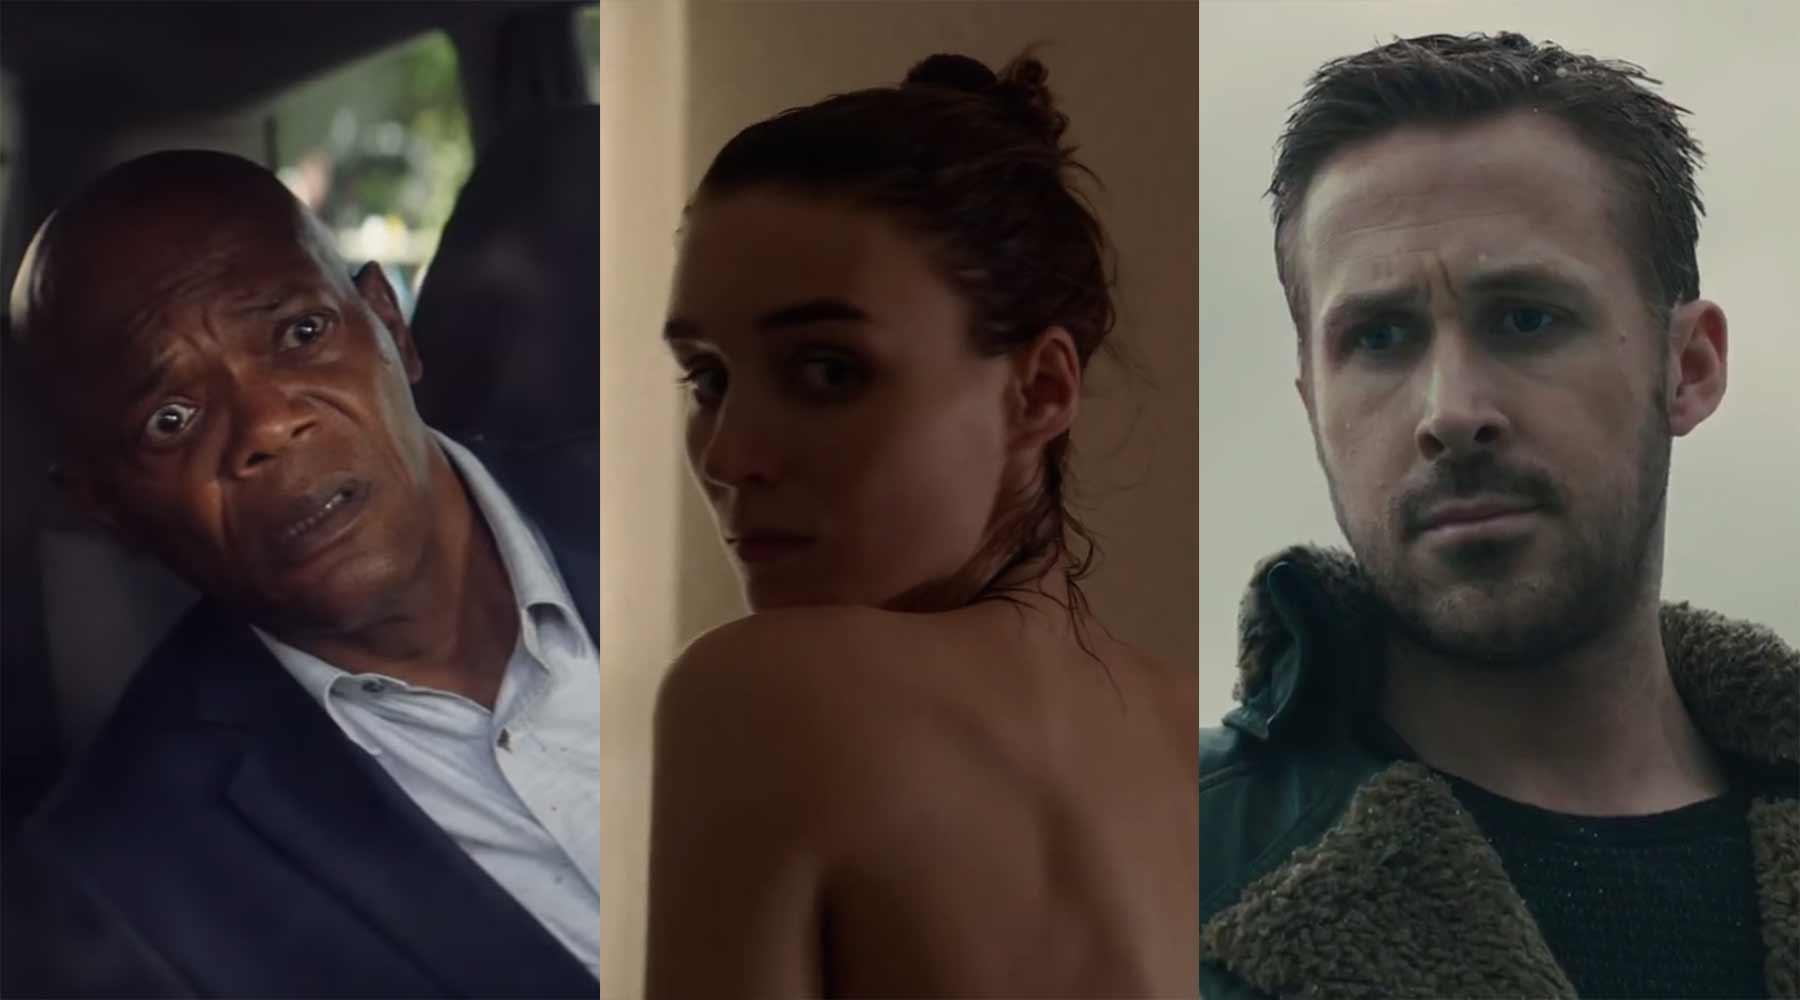 Die Filme des Jahres 2017 in 3 Video-Mashups filme-des-jahres-2017